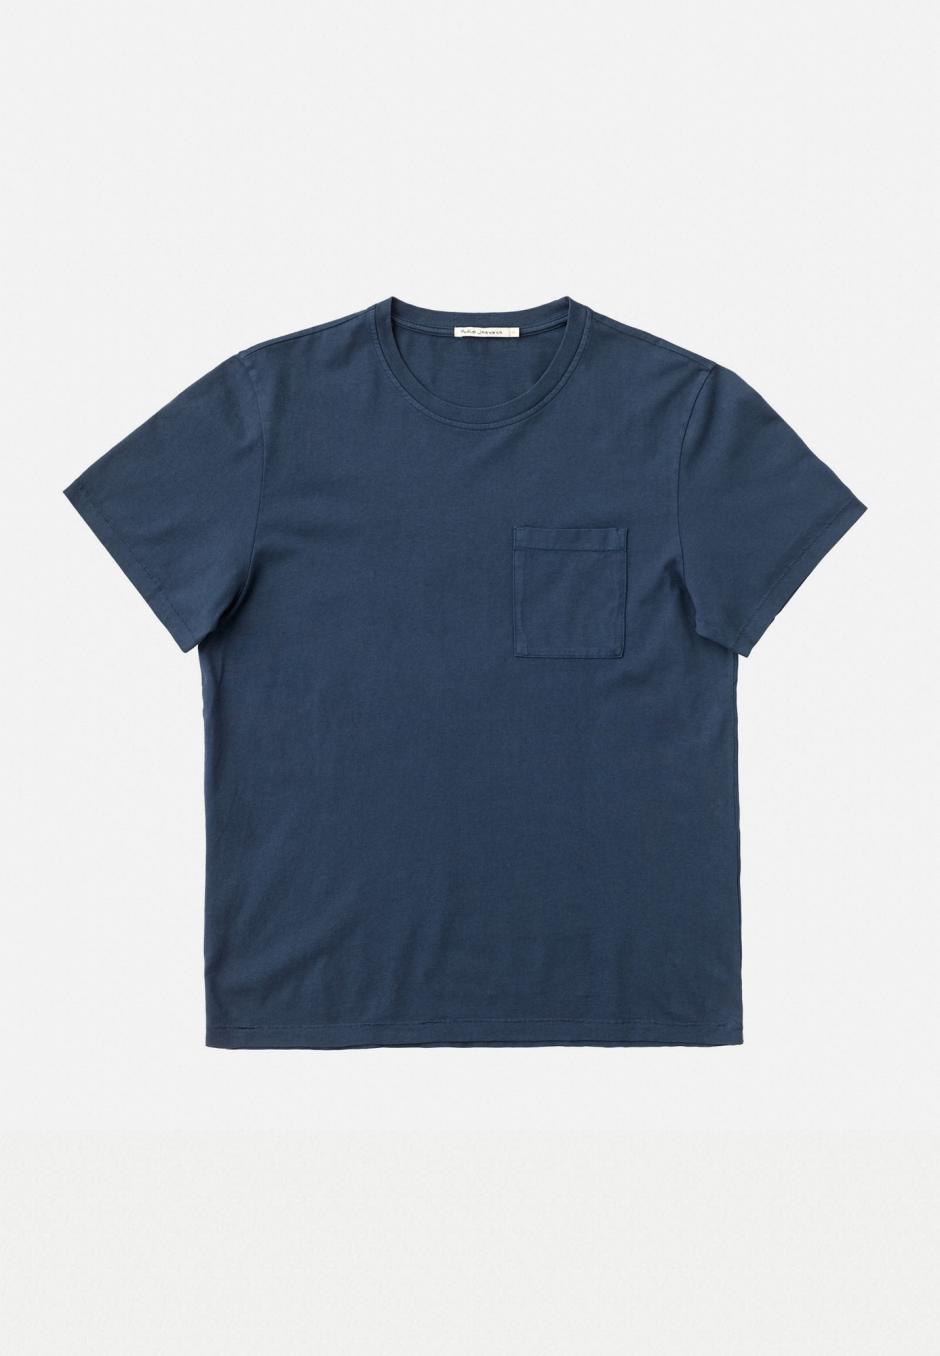 Nudie Jeans Roy One Pocket Tee Indigo Blue